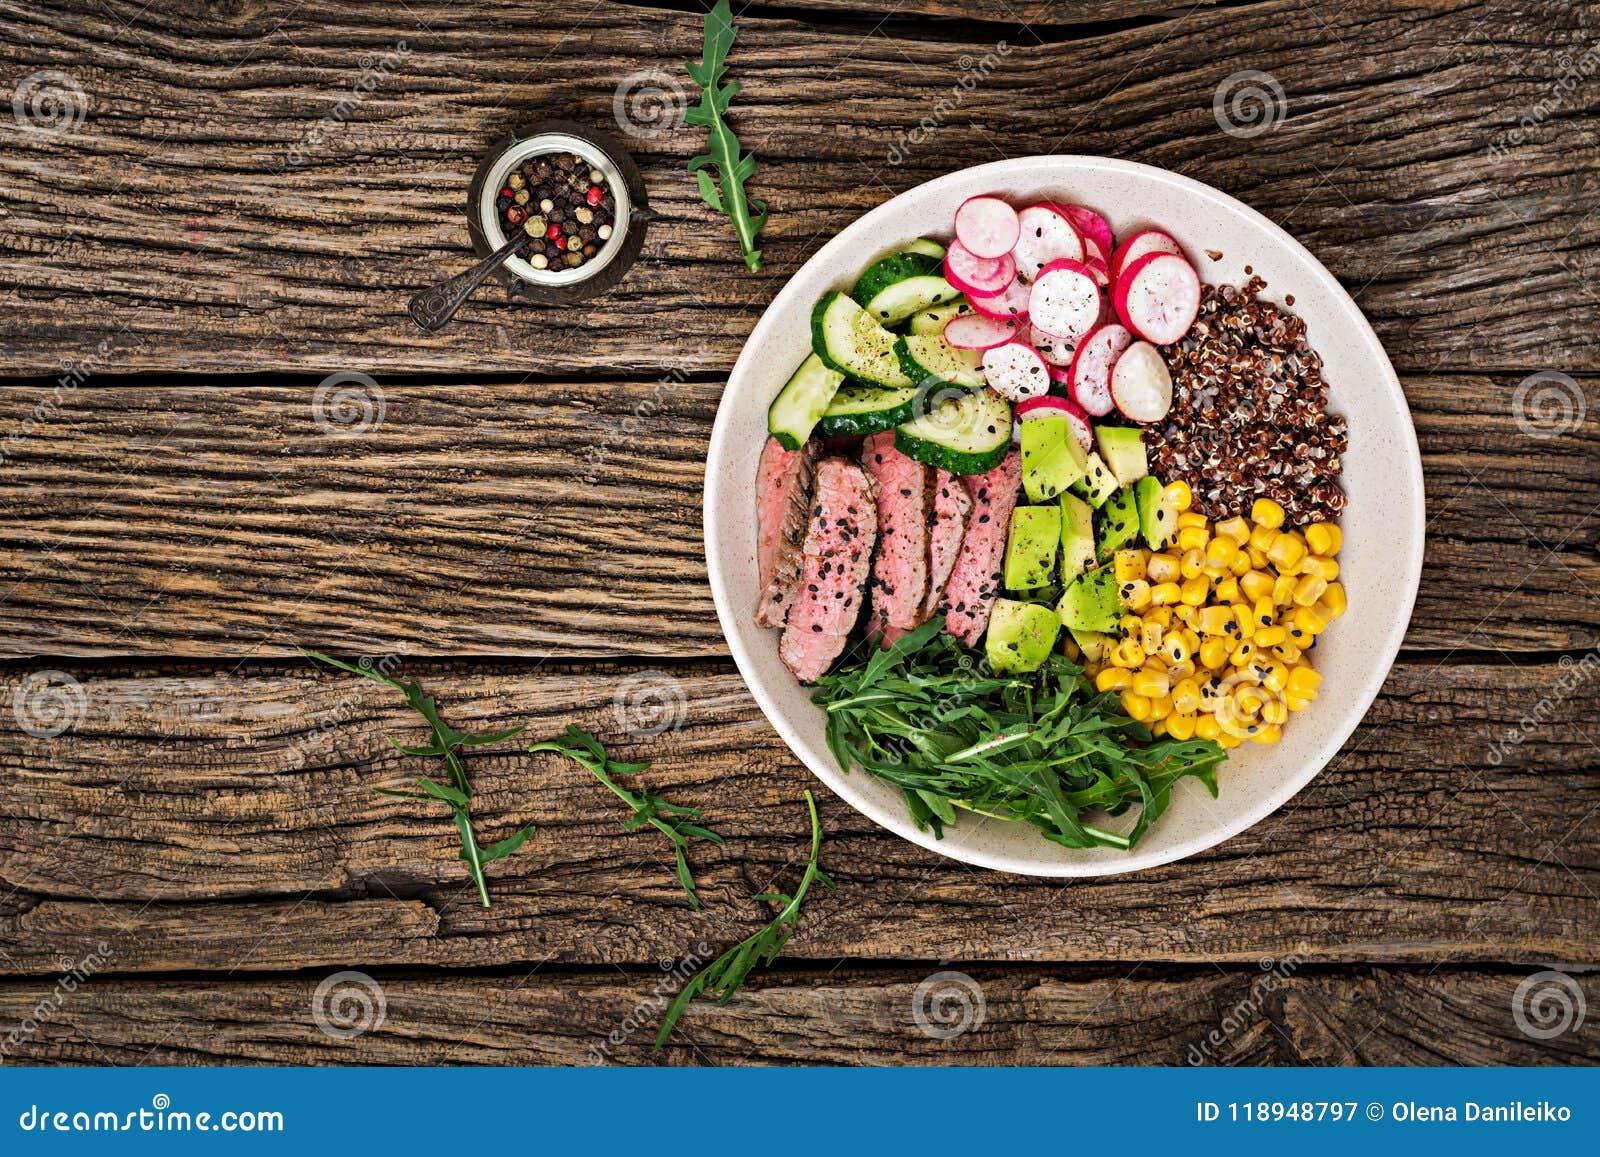 Buddha-Schüsselmittagessen mit gegrilltem Rindfleischsteak und Quinoa, Mais, Avocado, Gurke